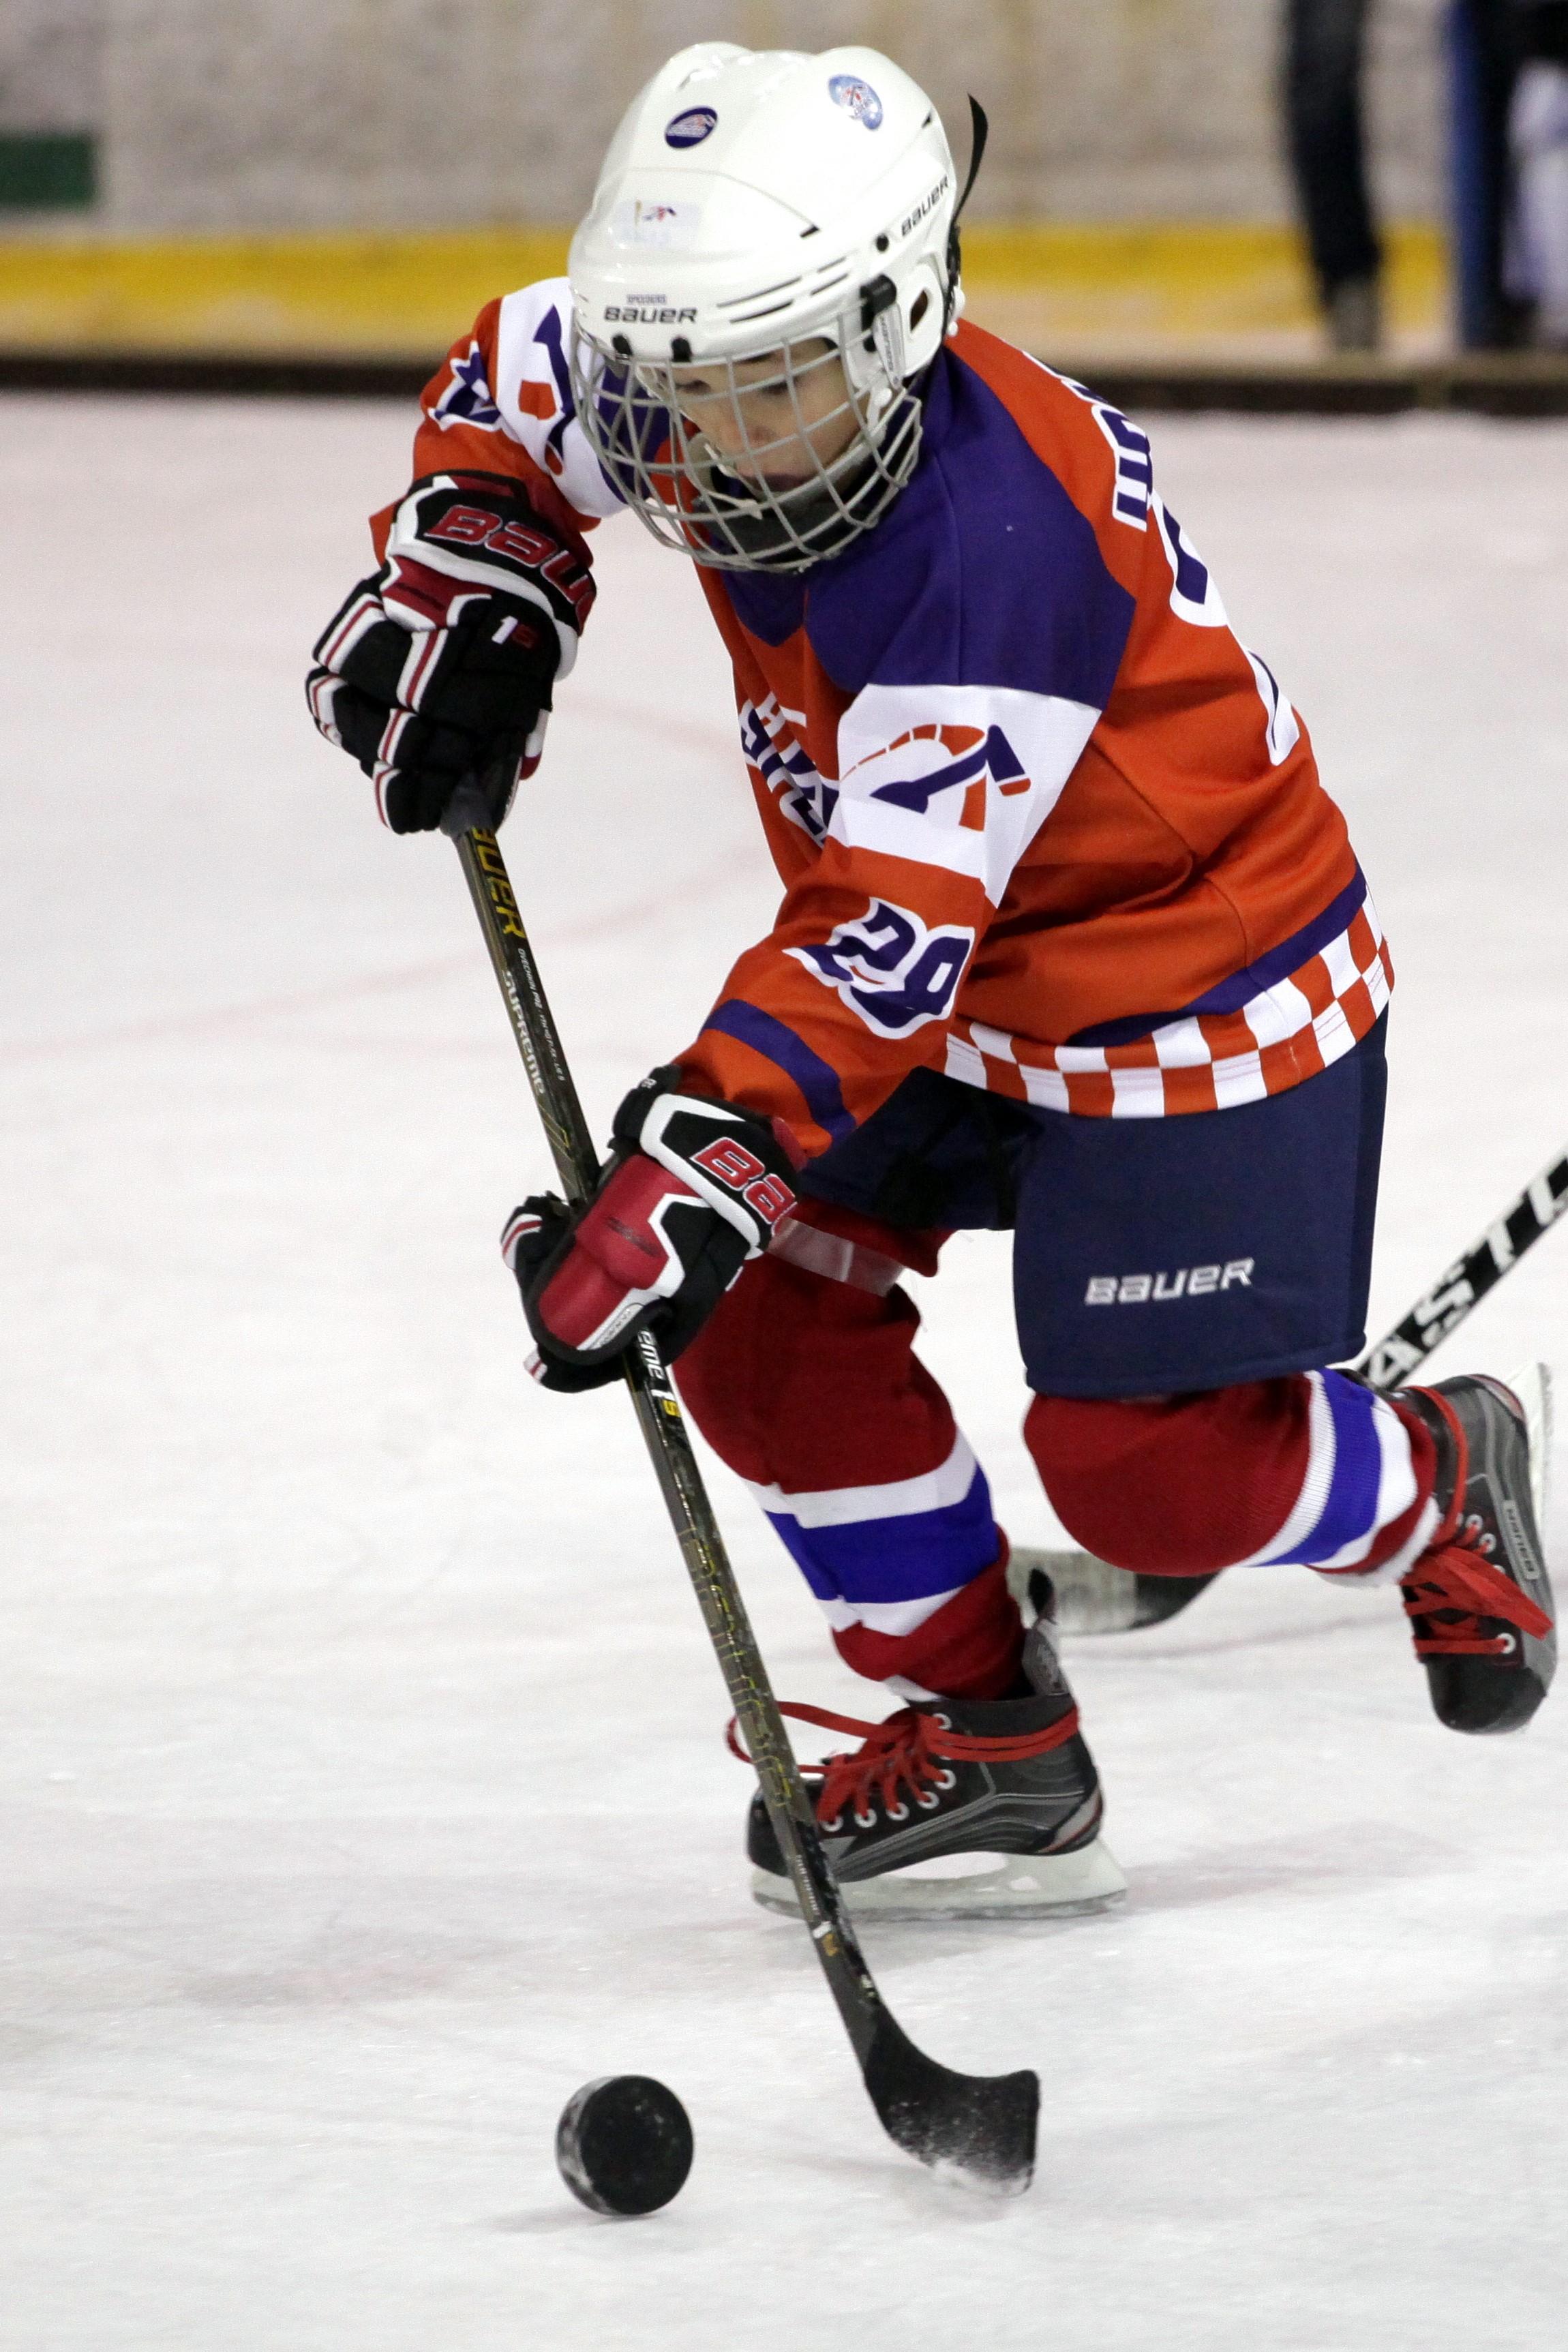 kristian hrabovsky deti hokej speeders bratislava 3